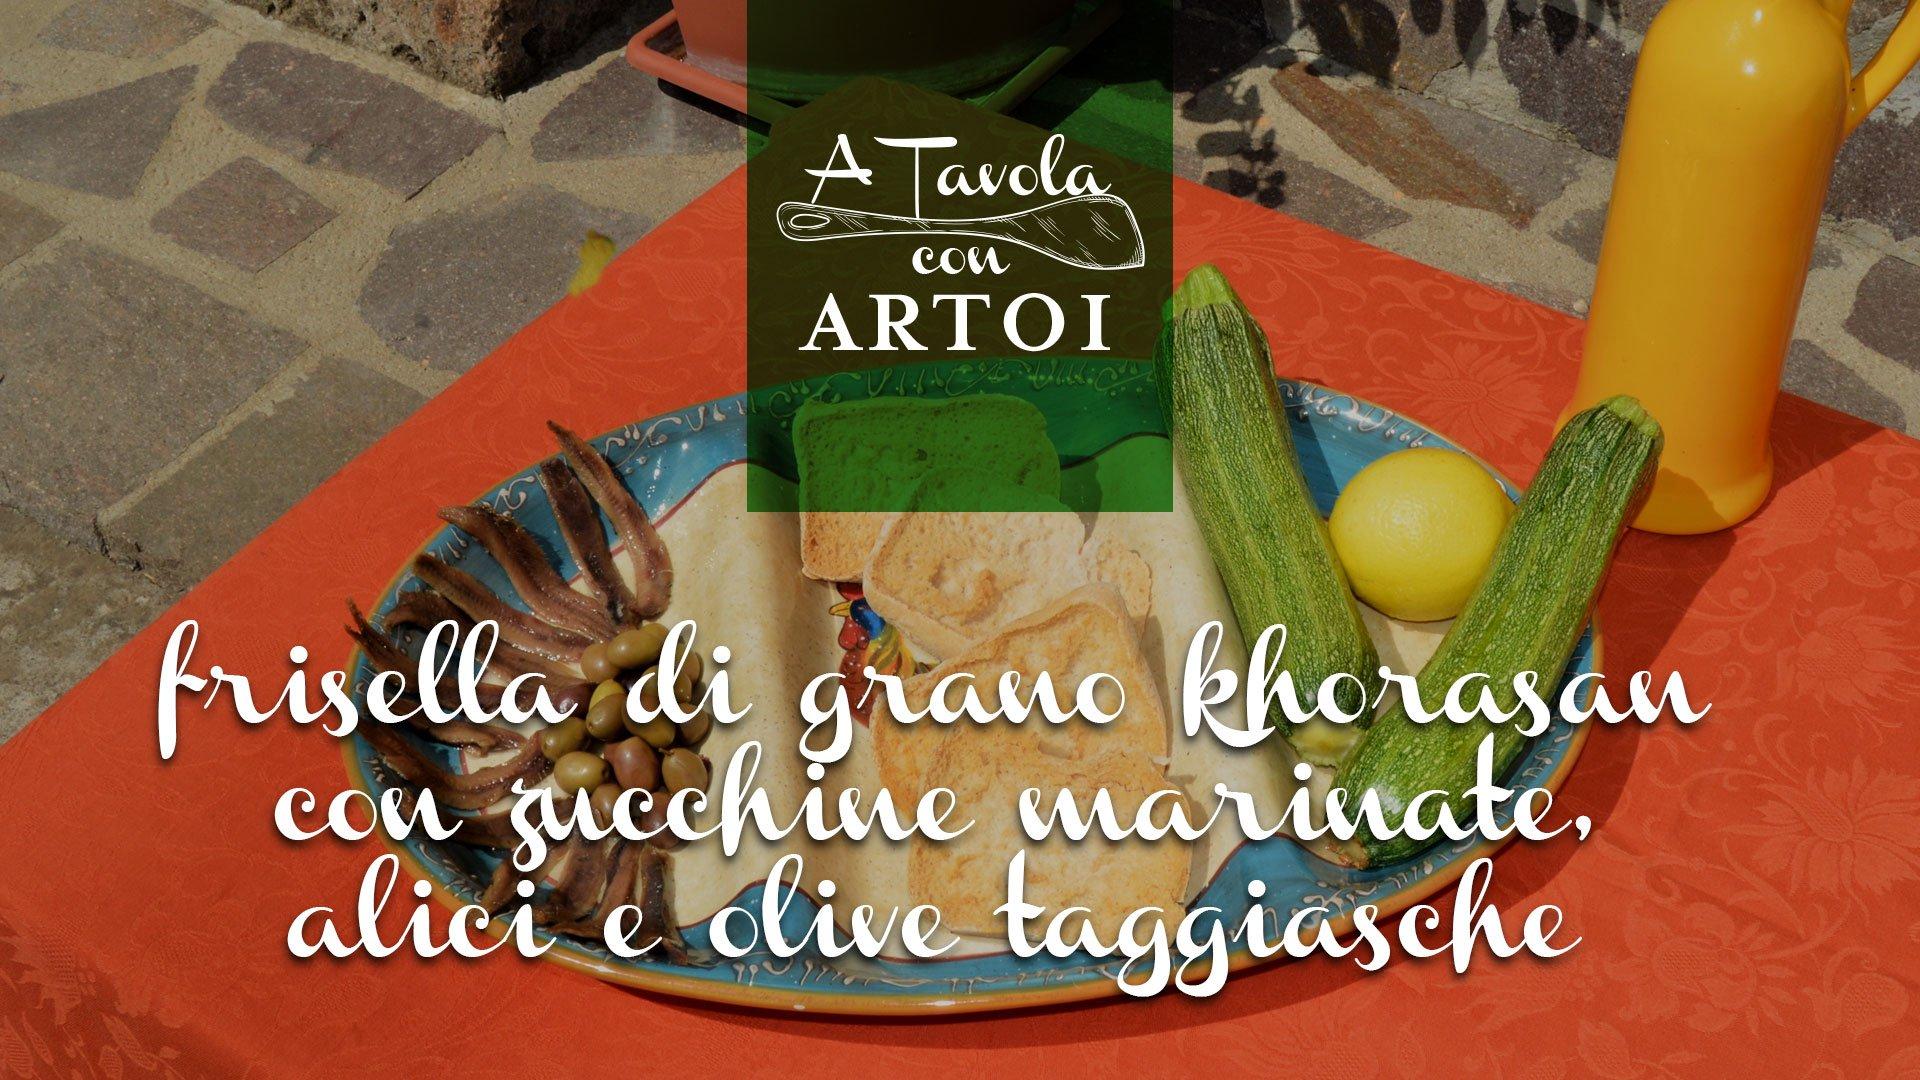 Frisella di grano khorasan con zucchine marinate e olive taggiasche